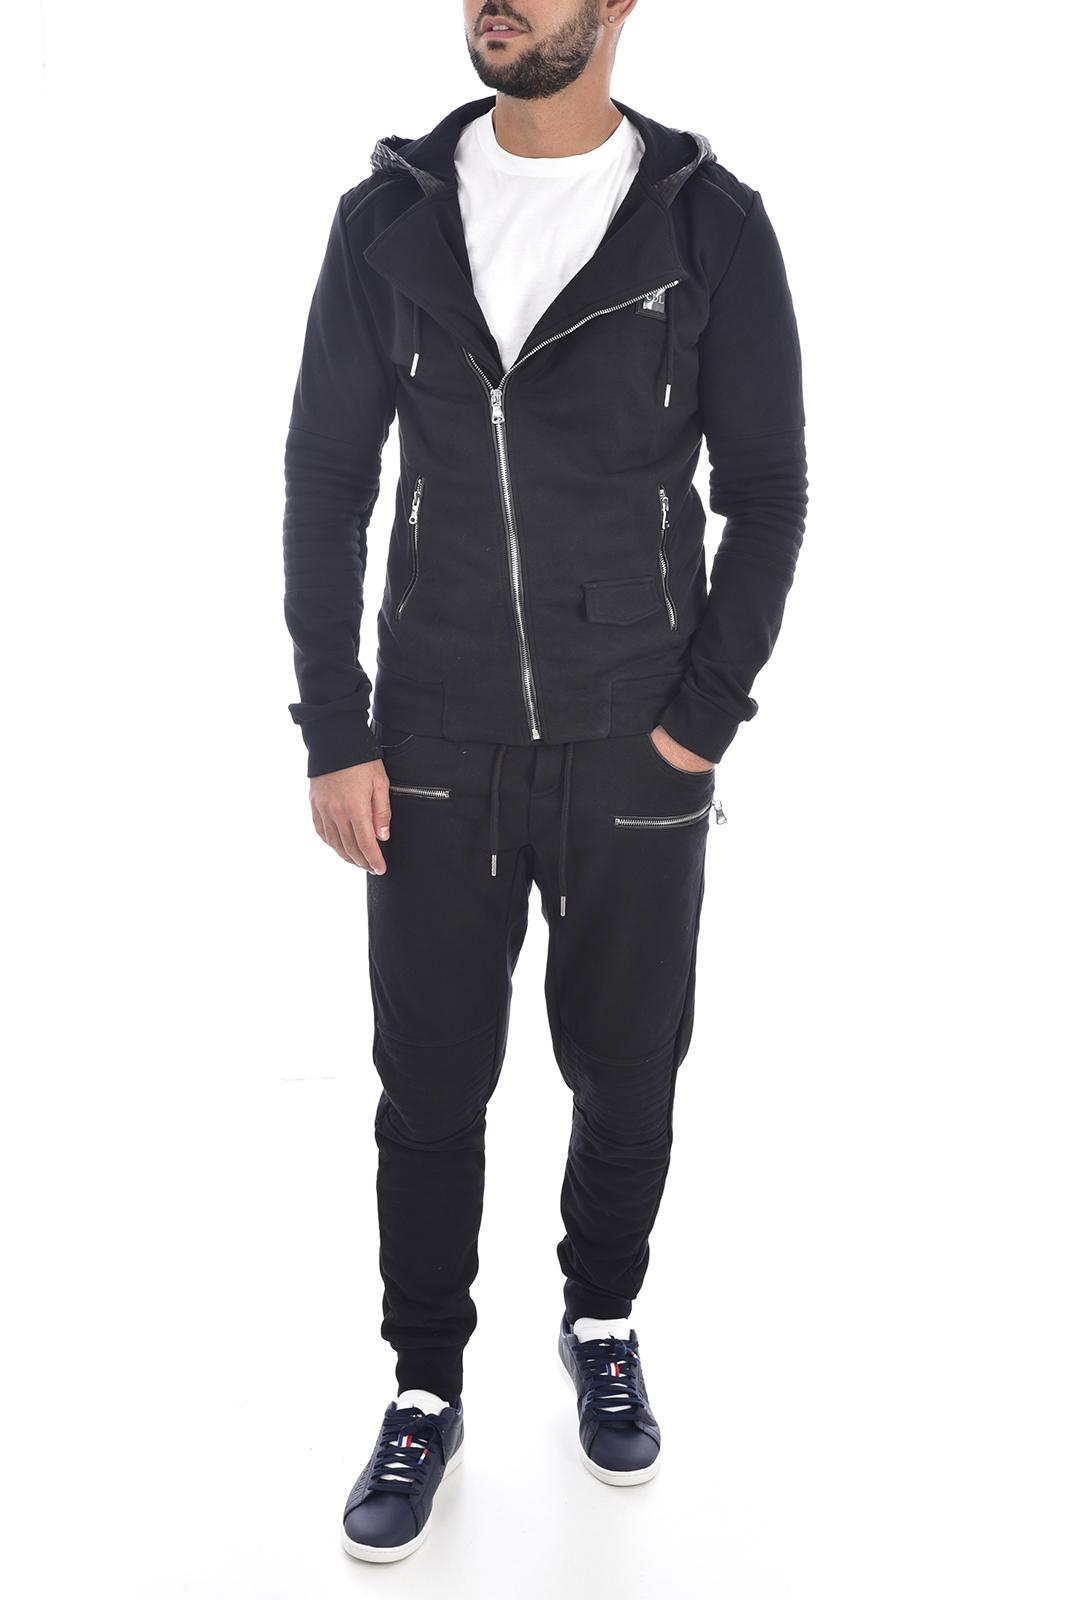 Pantalons sport/streetwear  Comme des loups S1801/S1802 NOIR